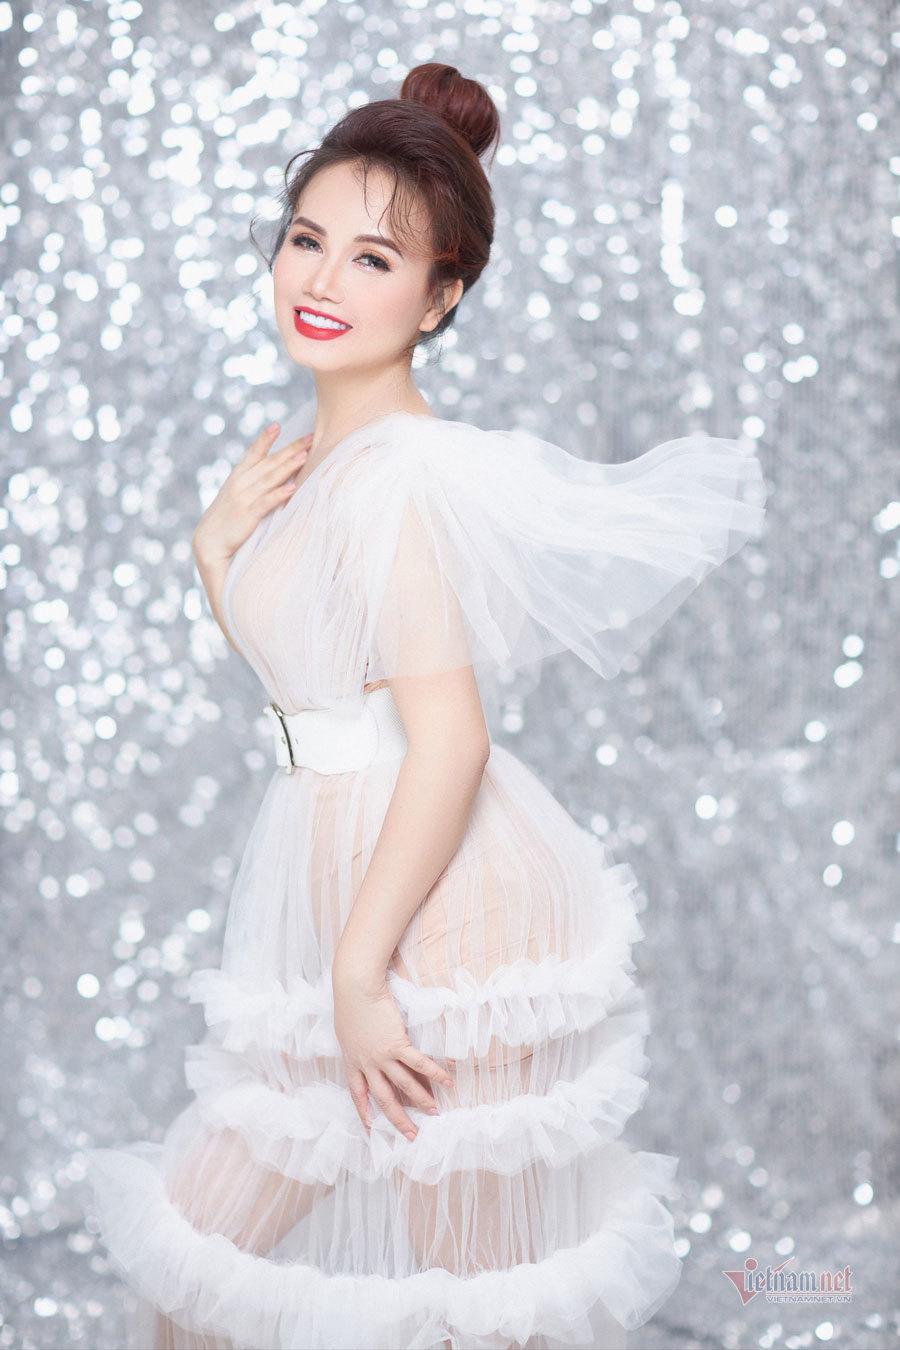 Diễn viên Hoàng Yến: 'Hôn nhân thứ 4 của tôi từng bên bờ vực thẳm'